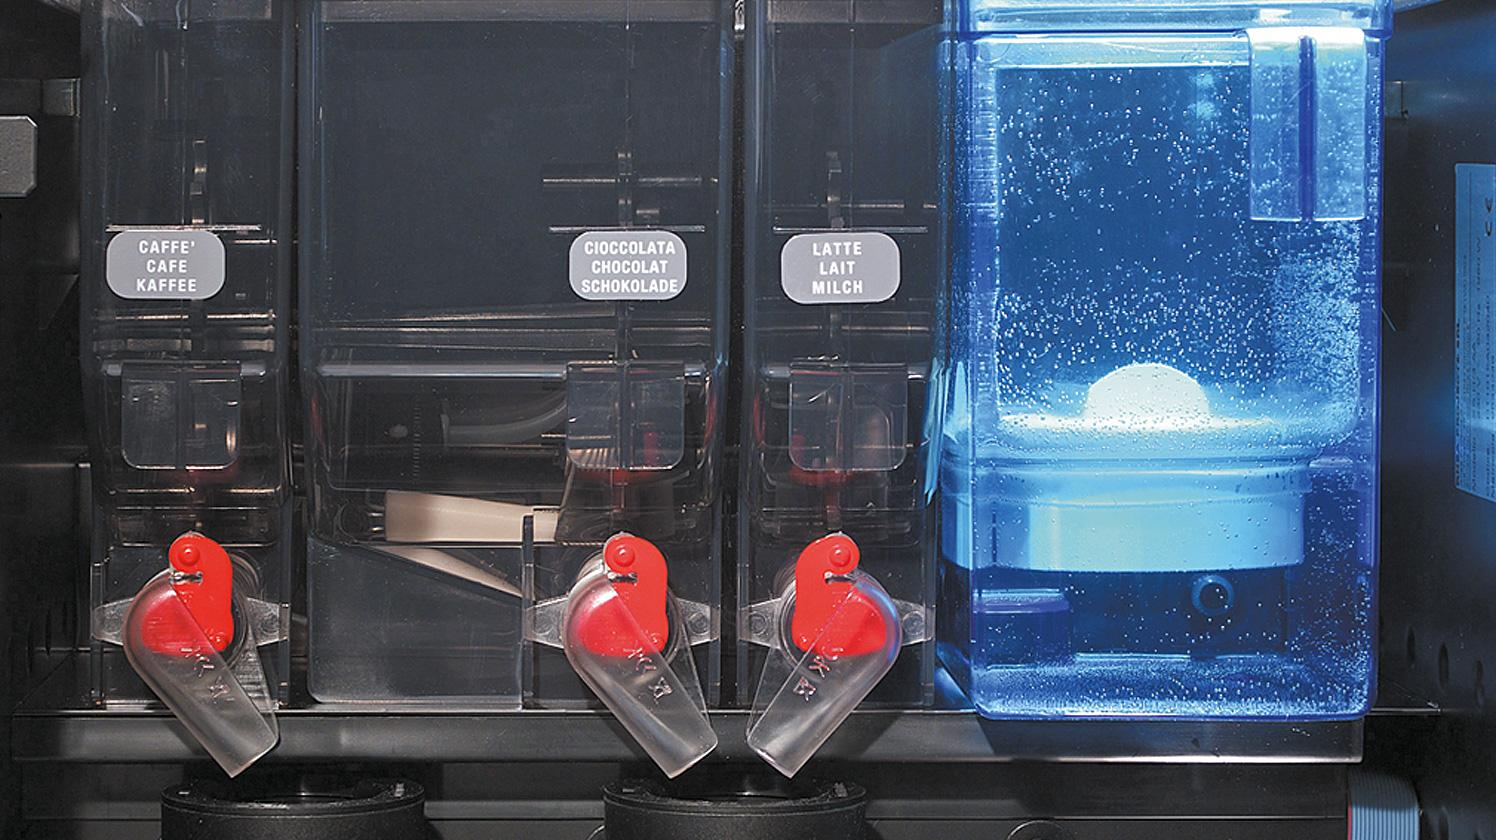 BRITA Filter AquaAroma Crema Maschine